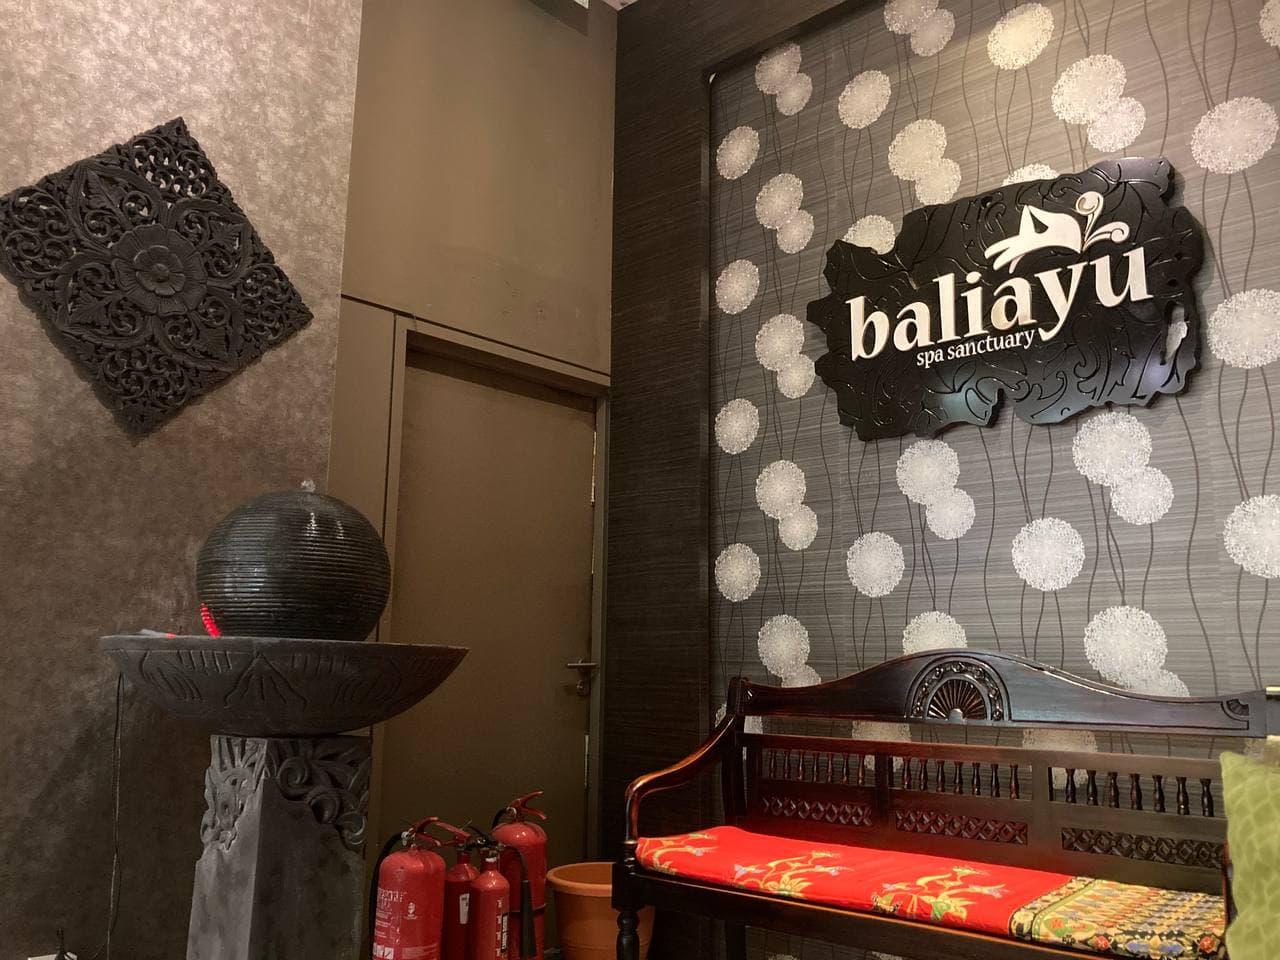 Baliayu Spa Sanctuary   Khidmat Urutan Tradisional di Area Petaling Jaya